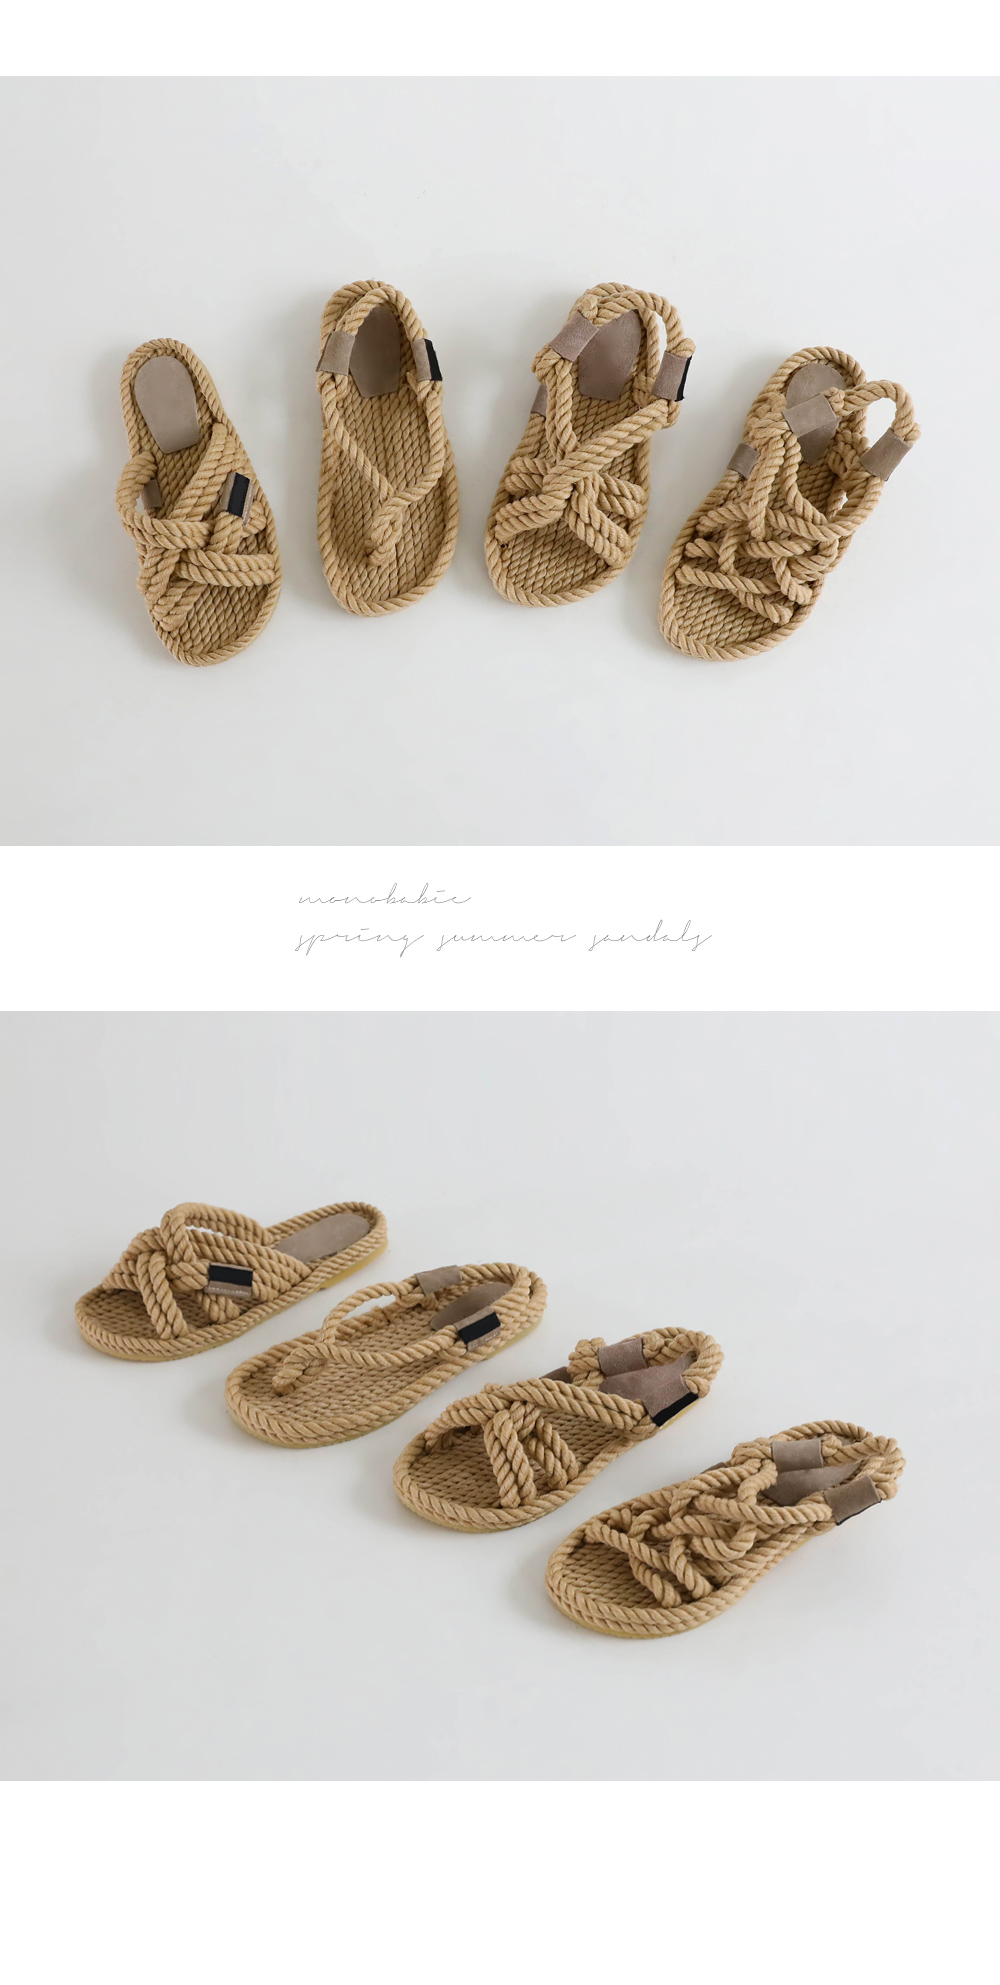 Square square rope sandals sandals 1.5cm